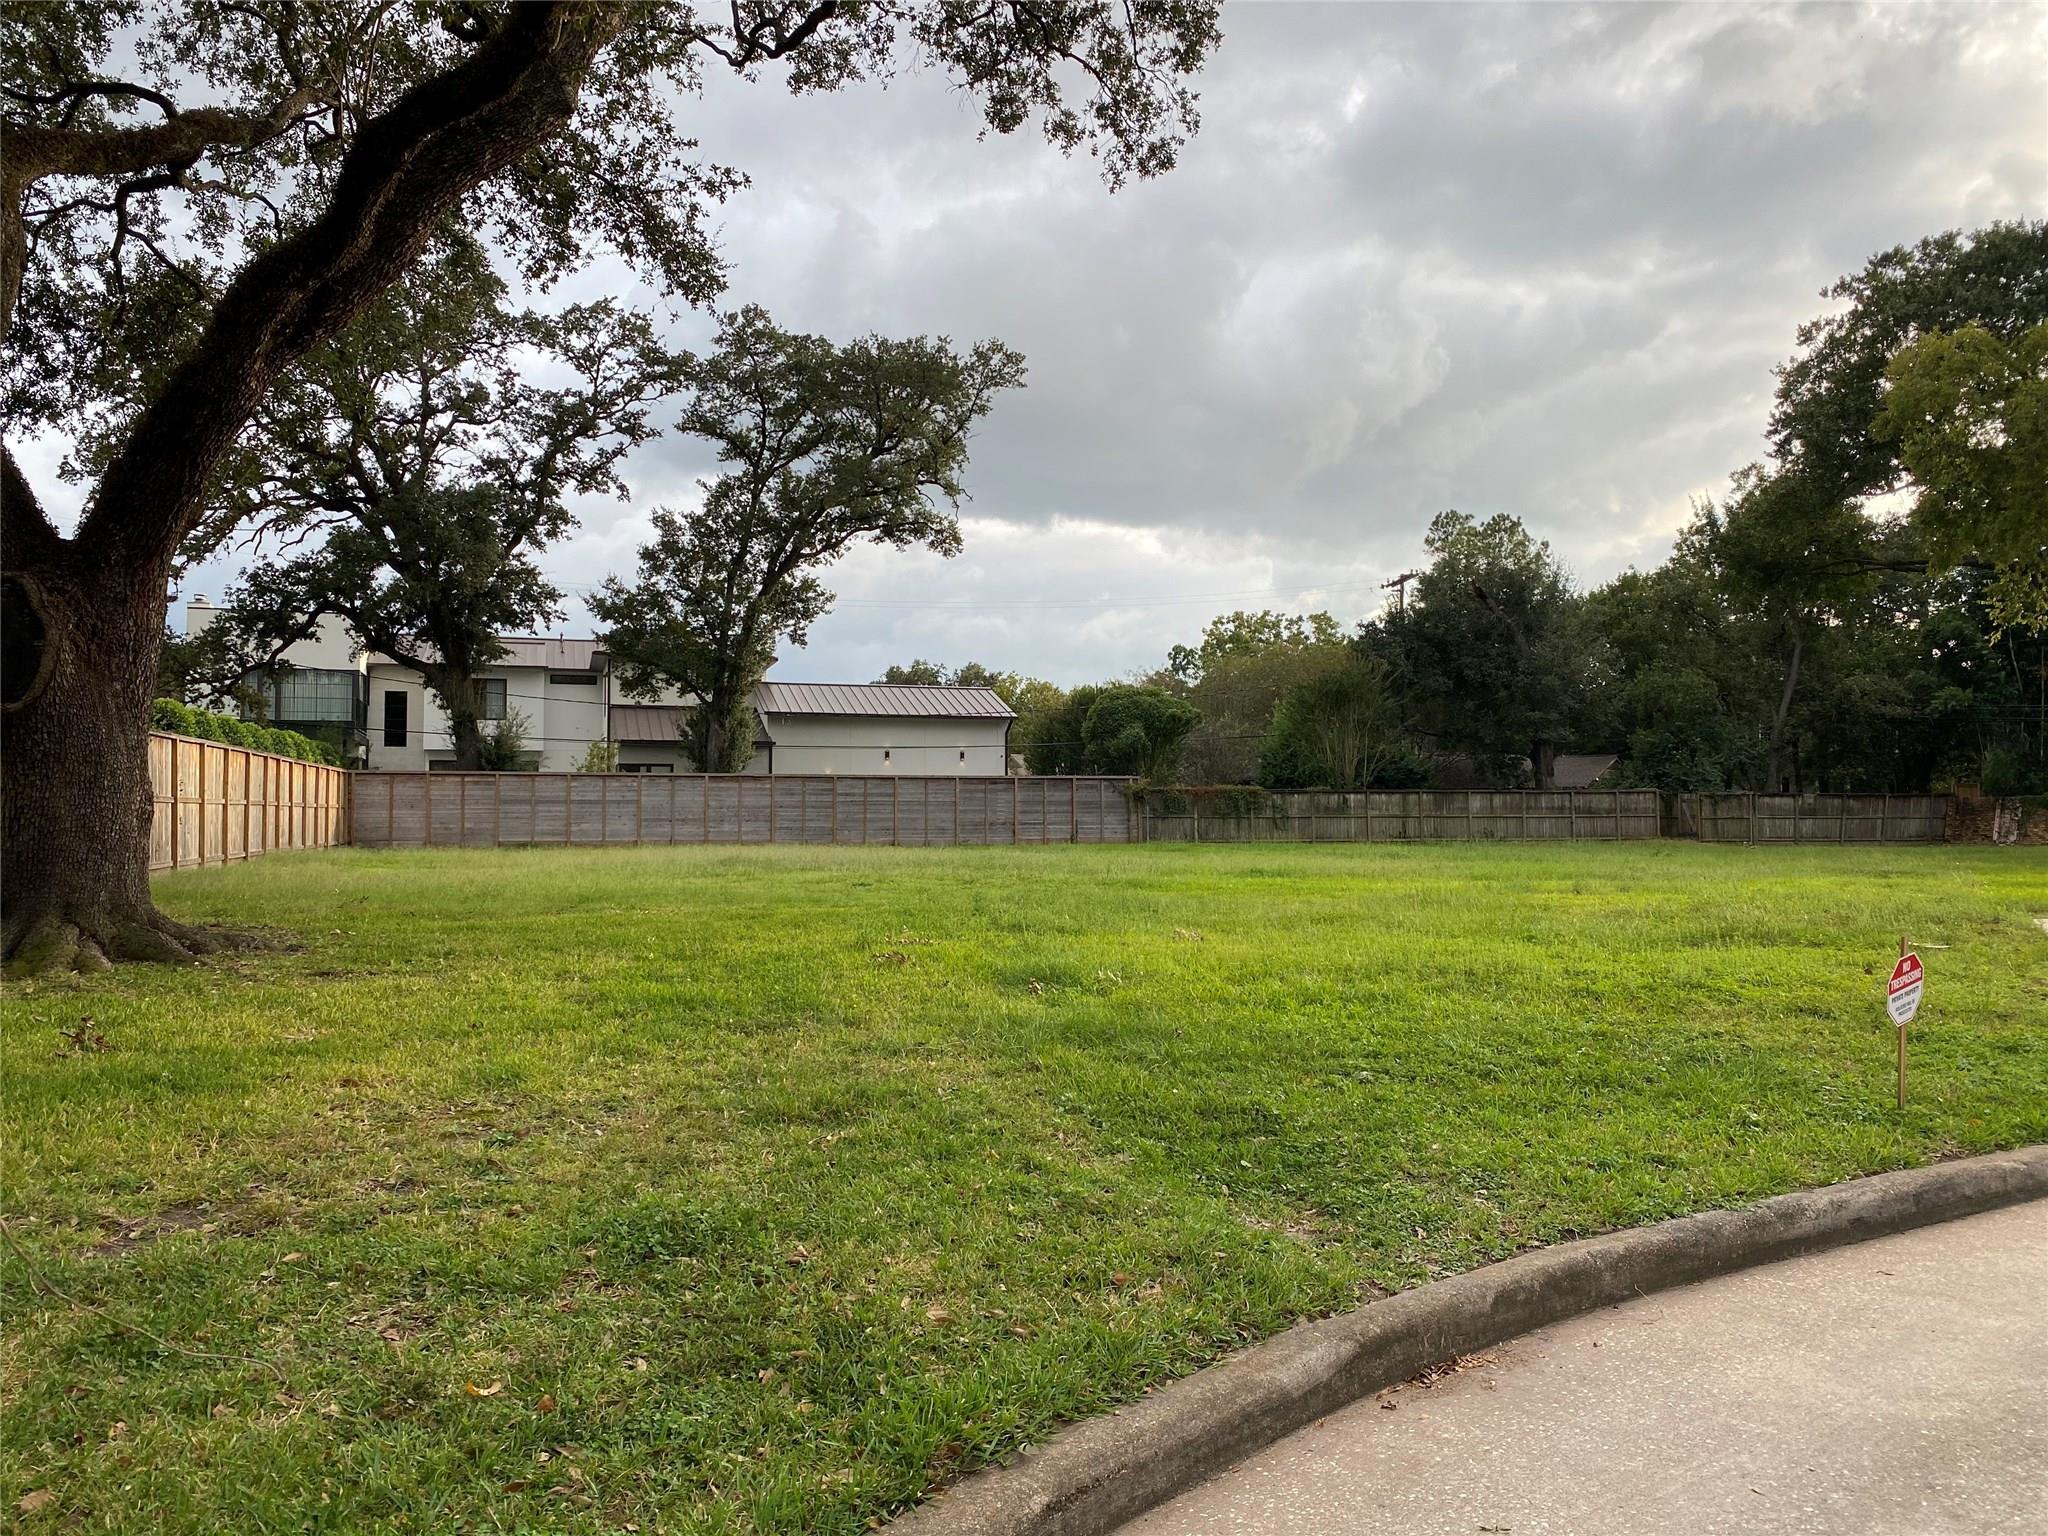 Afton Oaks Sec 4 Pt Rep 1 Real Estate Listings Main Image